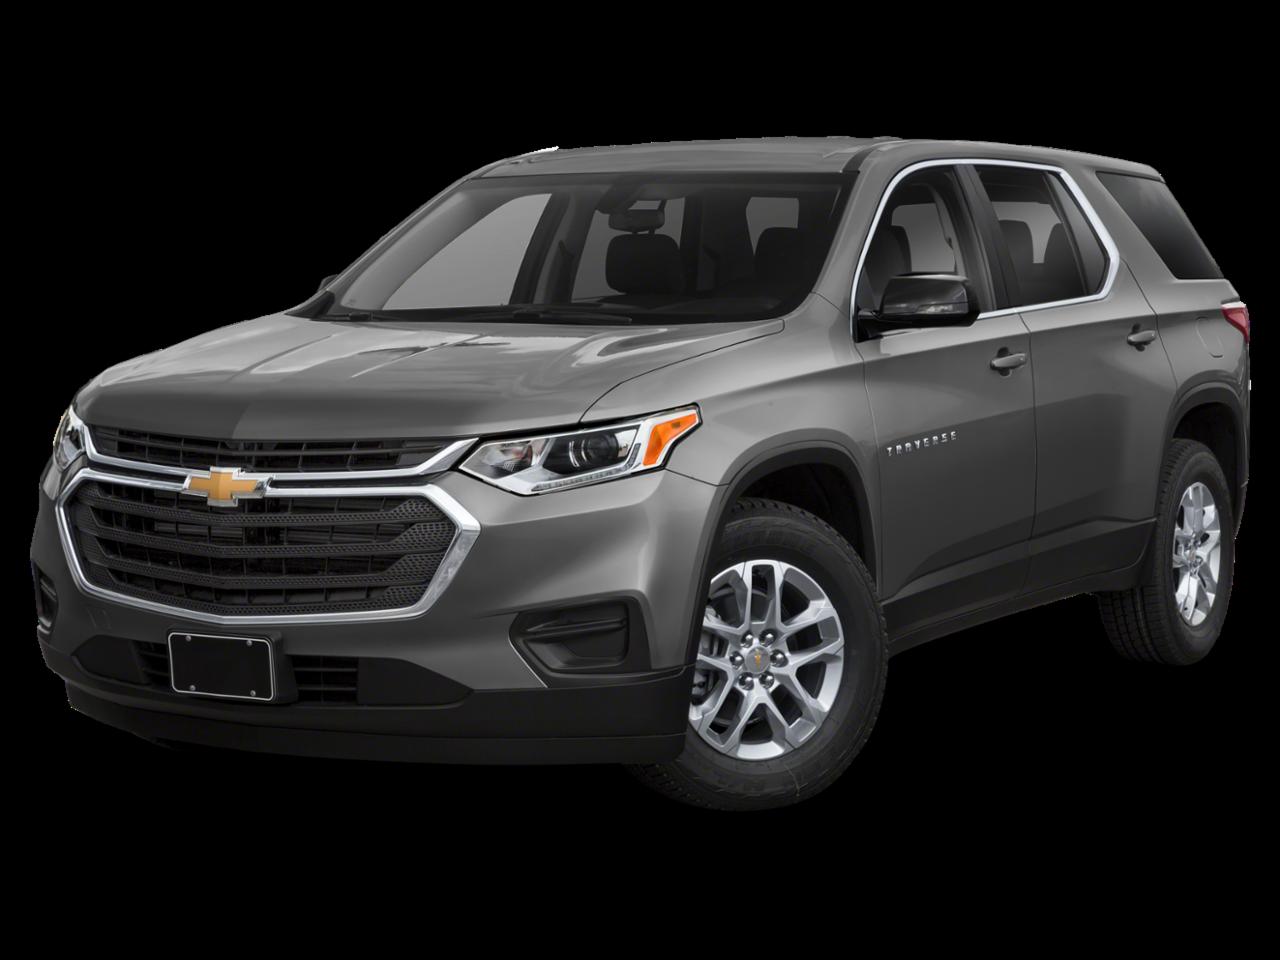 Chevrolet Dealer New Used Trucks For Sale Northwest Chevrolet